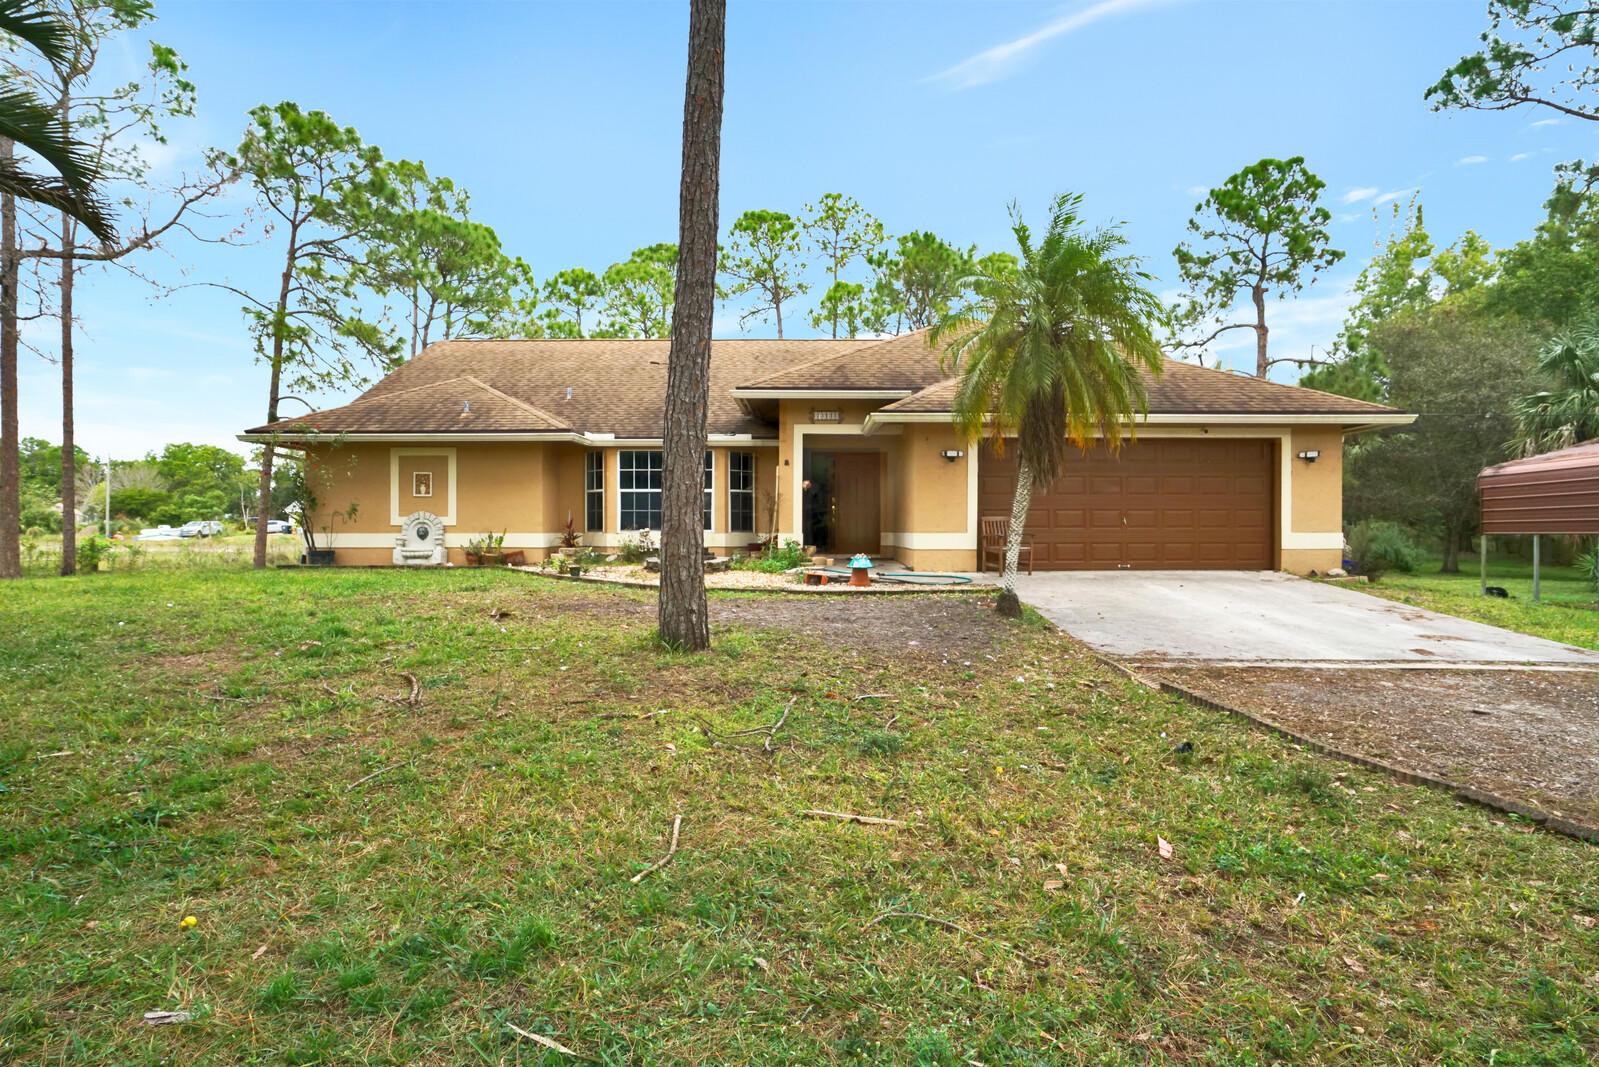 13133 47th Court The Acreage, FL 33470